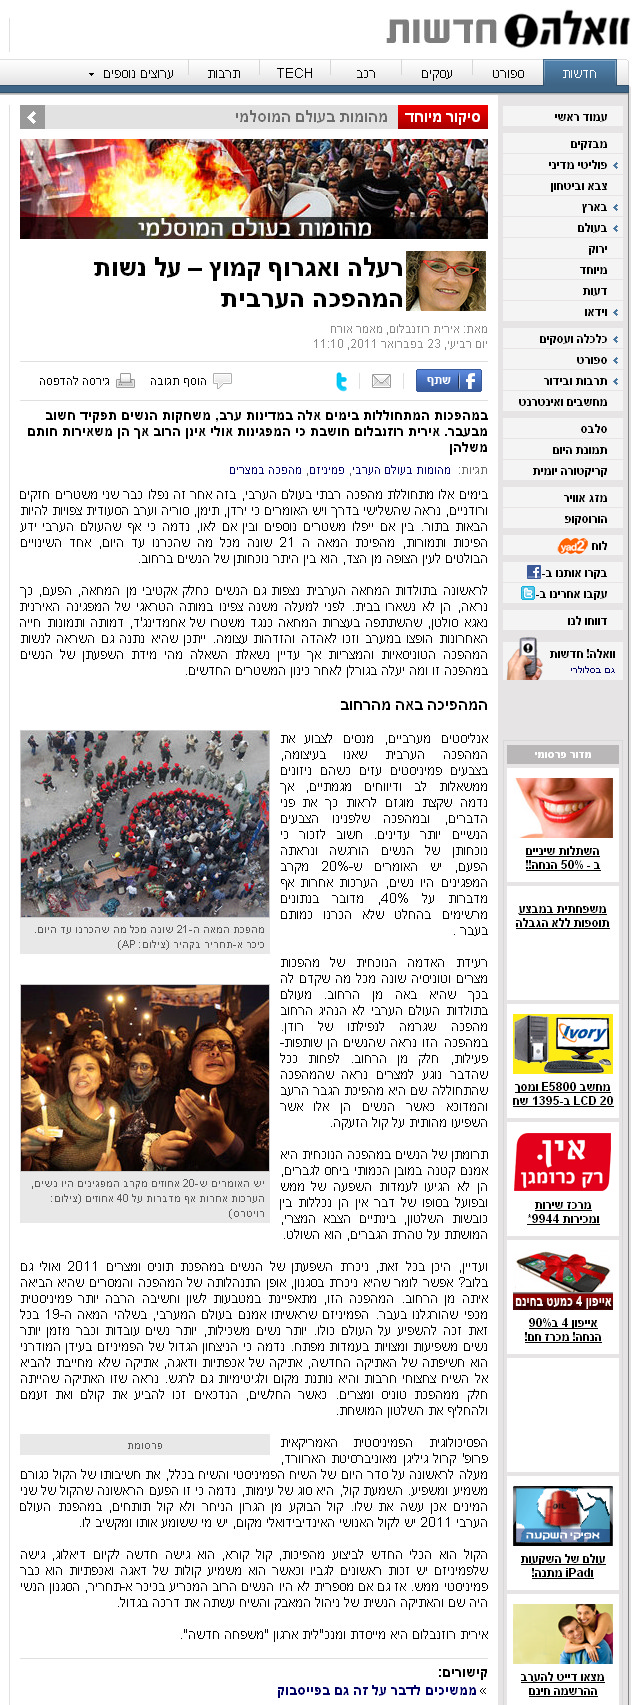 """מהומות בעולם המוסלמי:רעלה ואגרוף קמוץ – על נשות המהפכה הערבית מאת עו""""ד אירית רוזנבלום"""